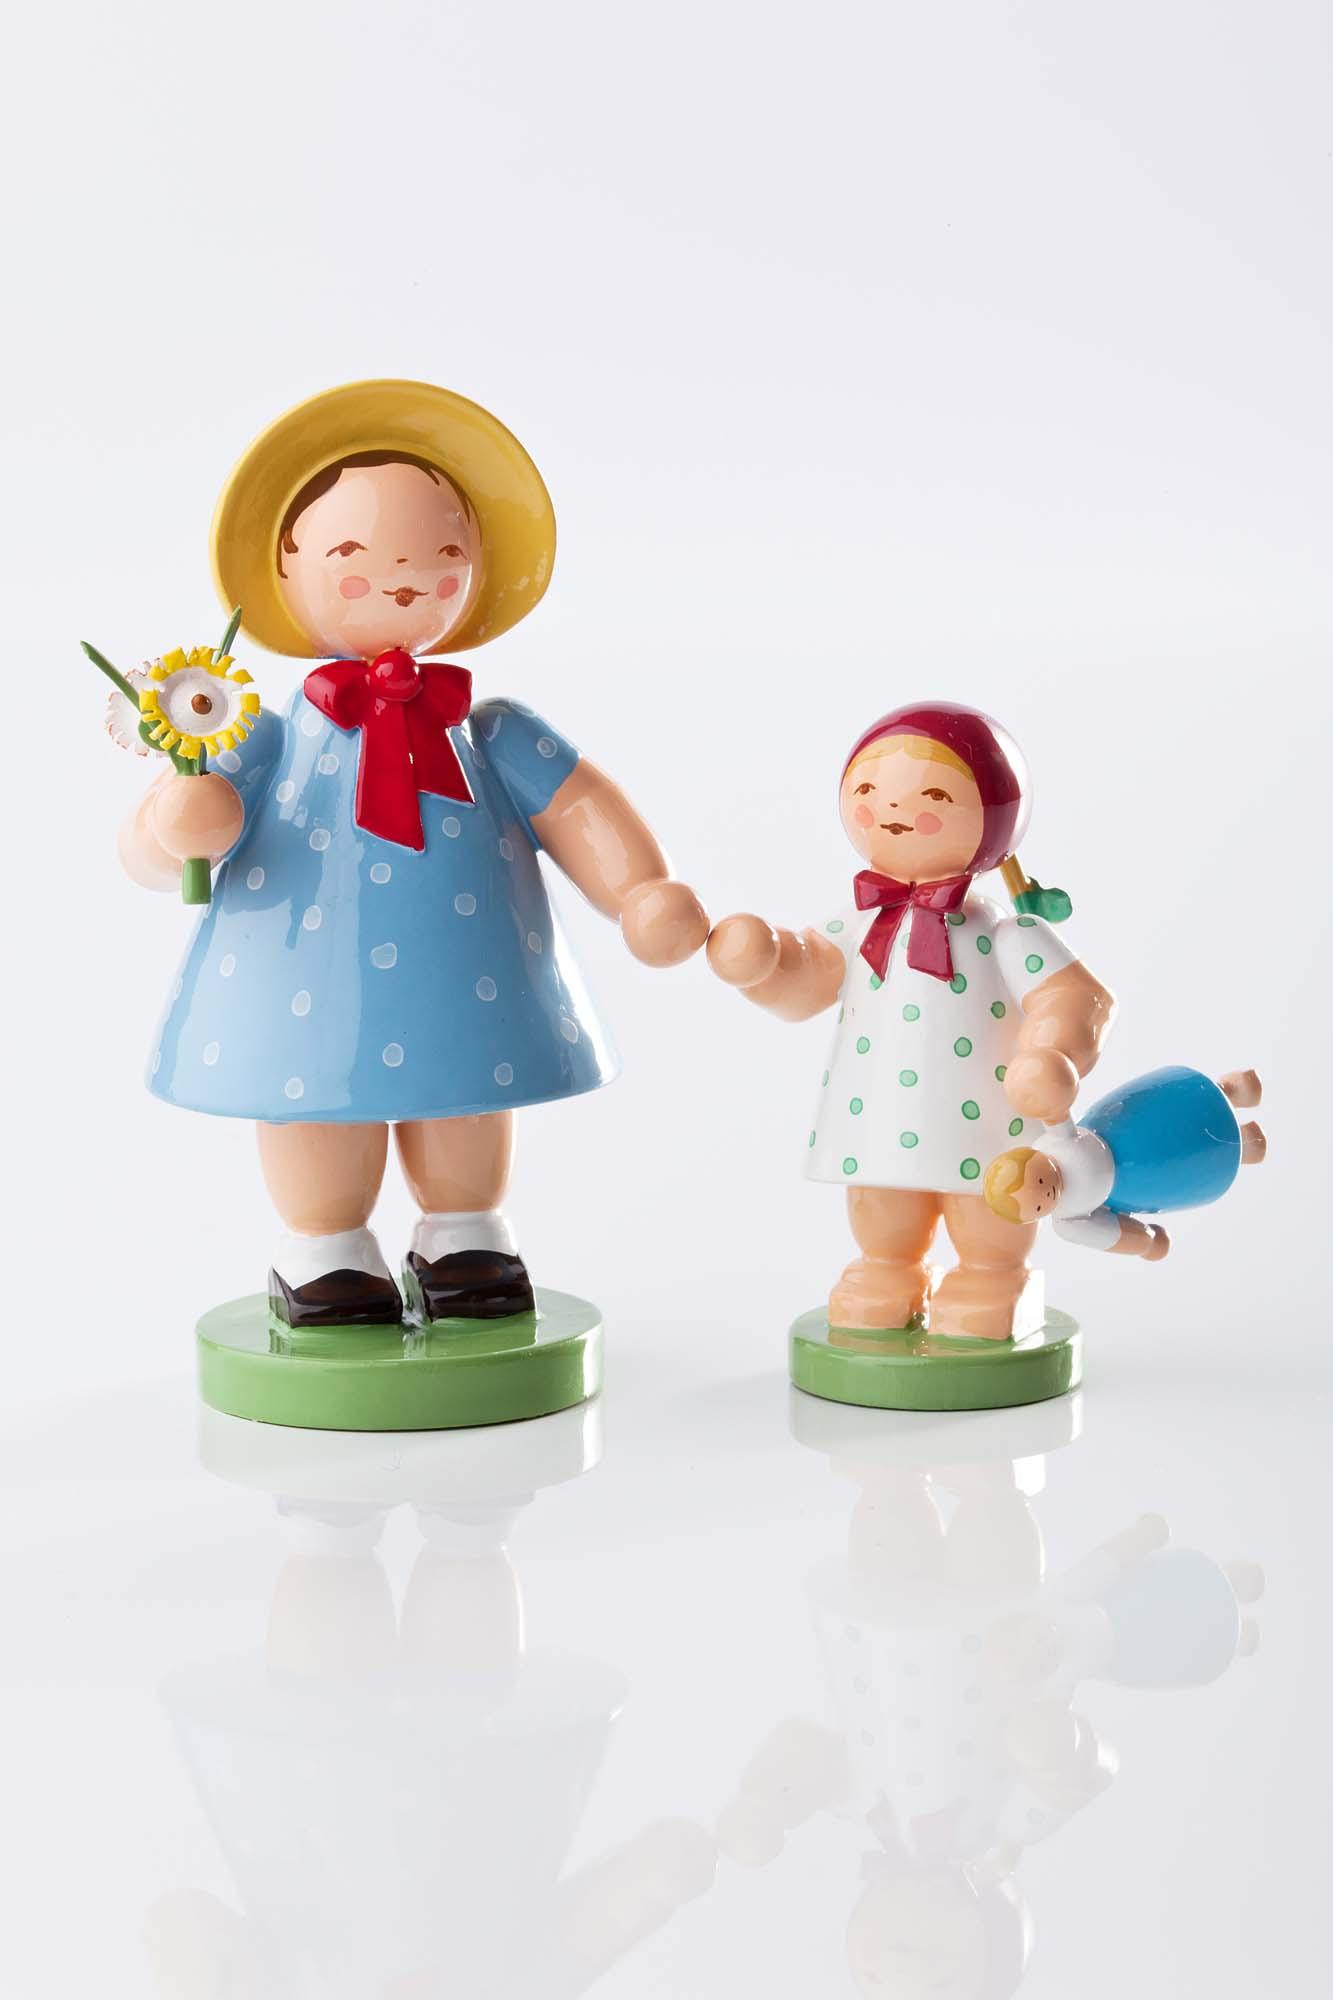 Mädchen mit Strauß 5231/1 und Mädchen mit Puppe 5231/2